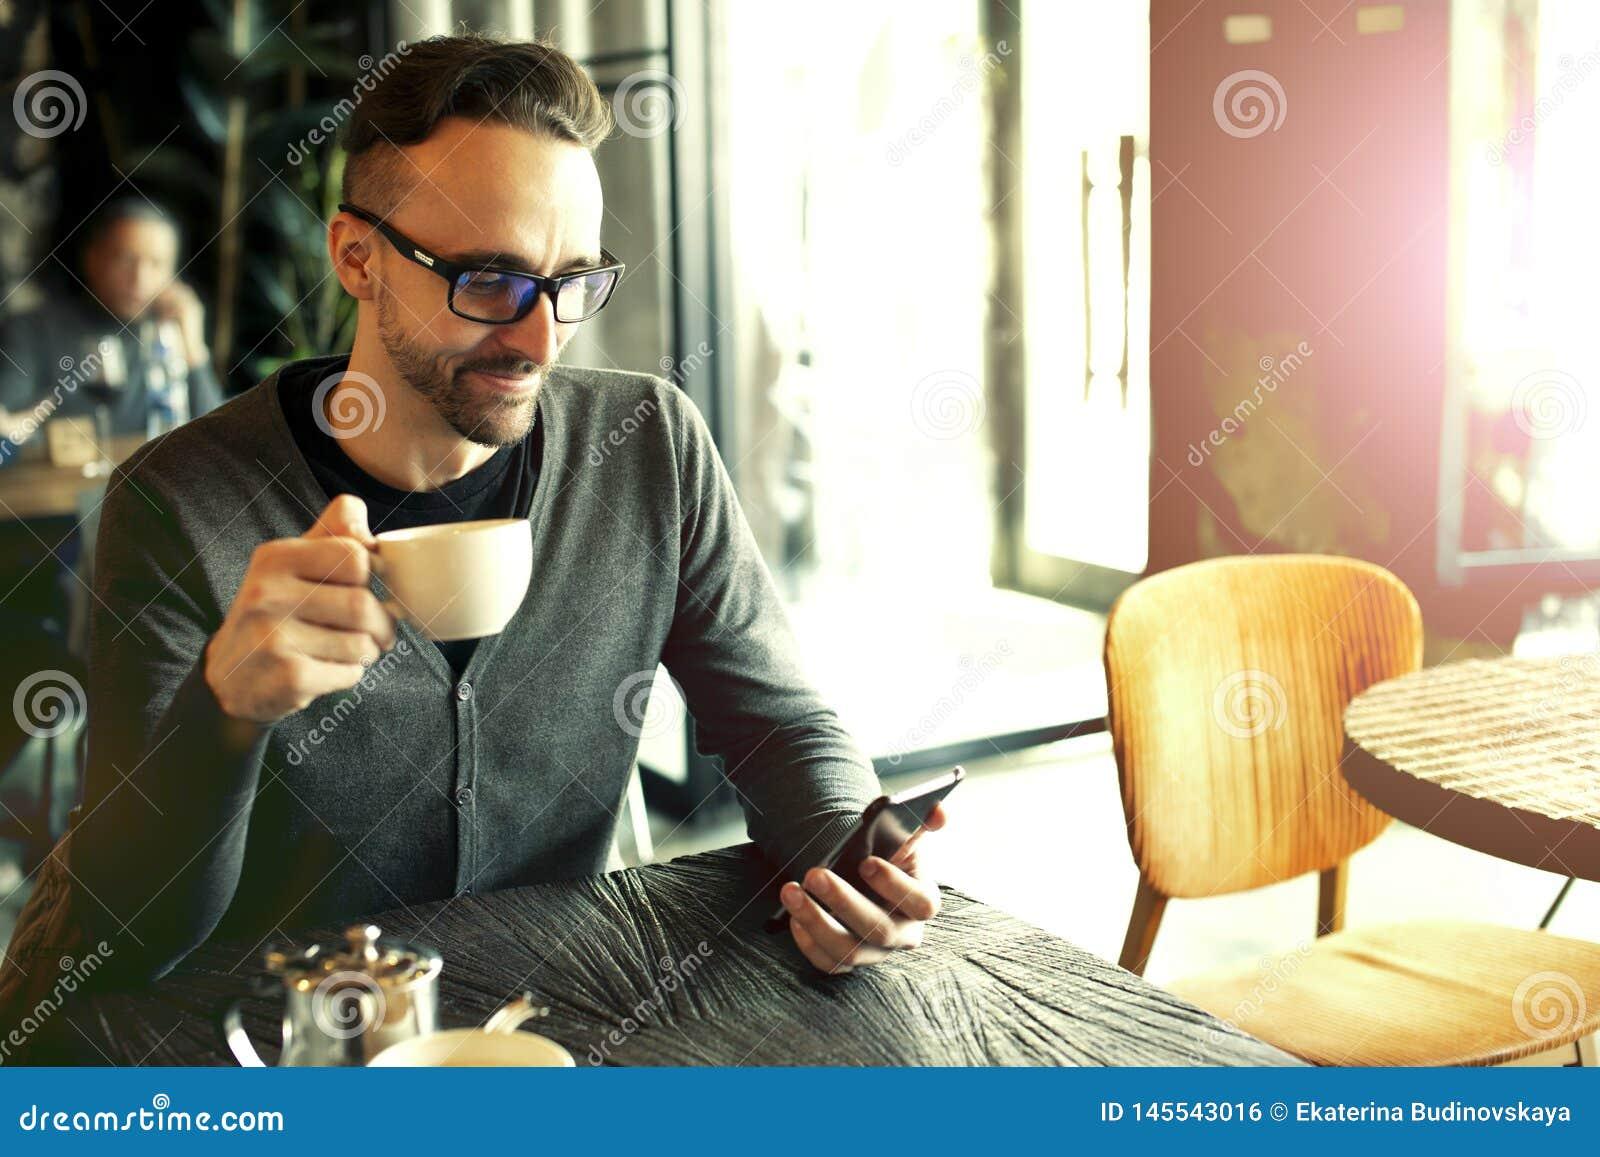 M??czyzna pije kaw? w kawiarni